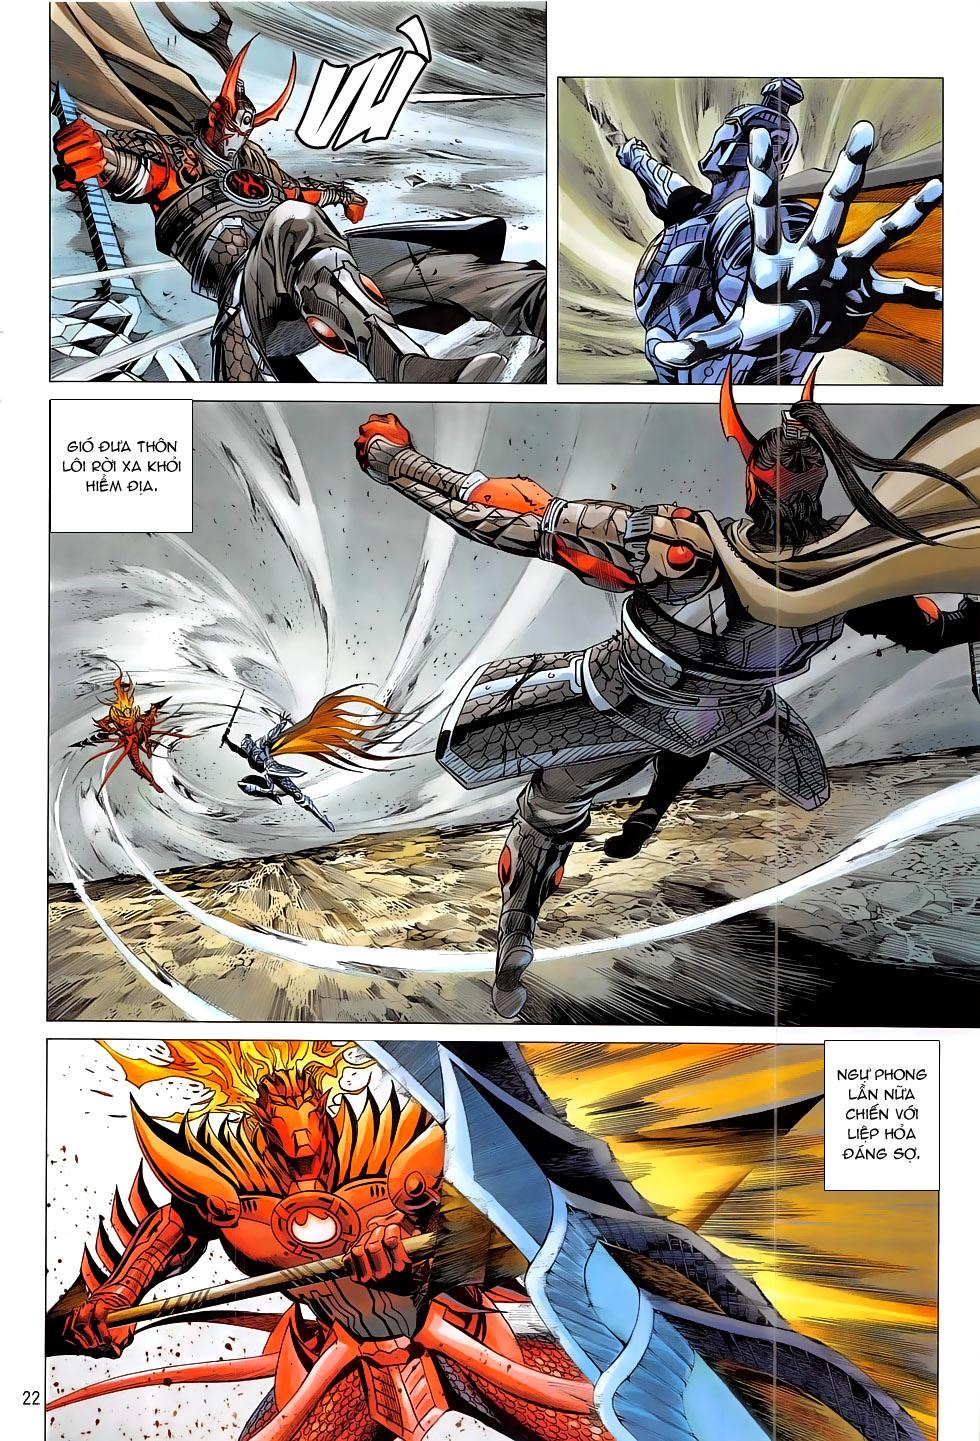 Chiến Phổ chap 19 - Trang 22